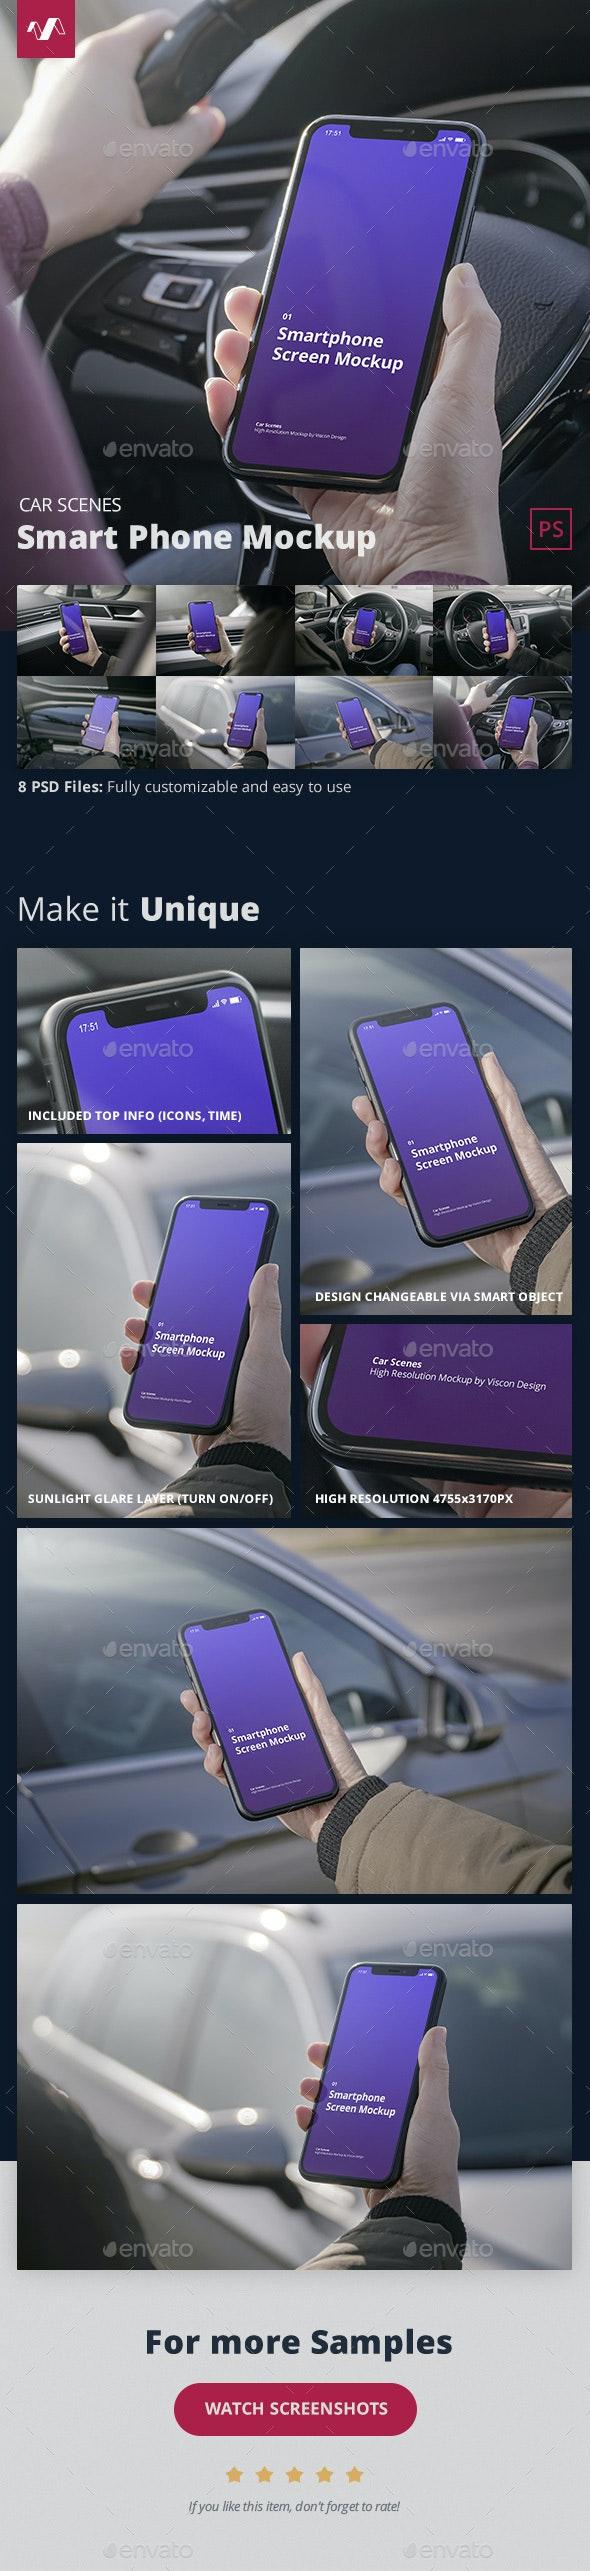 Phone Mockup Car Scenes - Mobile Displays